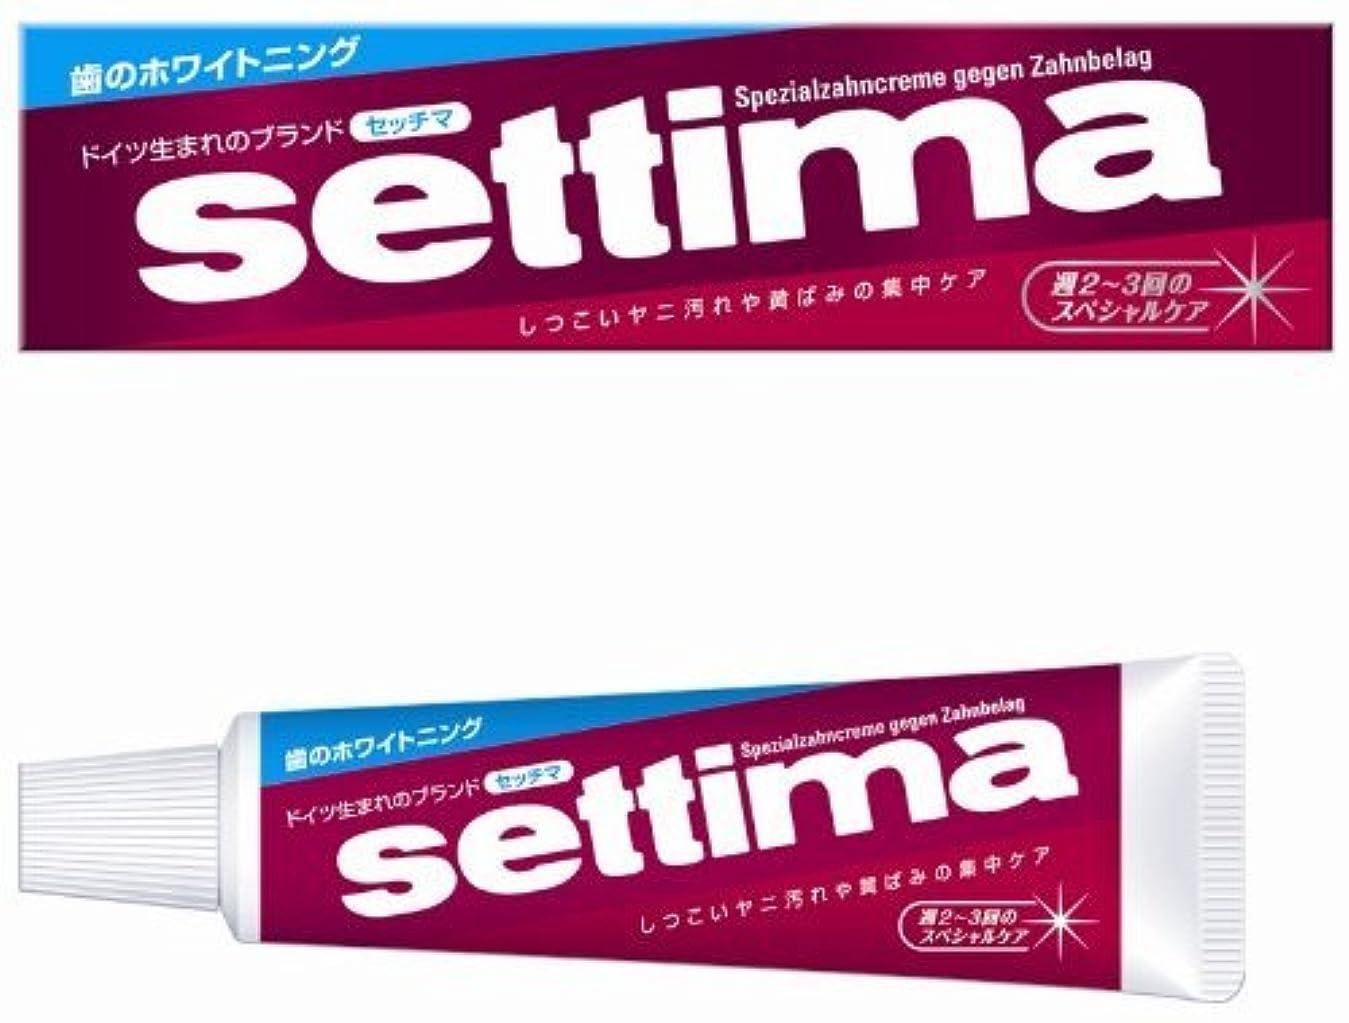 脱獄蒸気重さsettima(セッチマ) はみがき スペシャル (箱タイプ) 40g